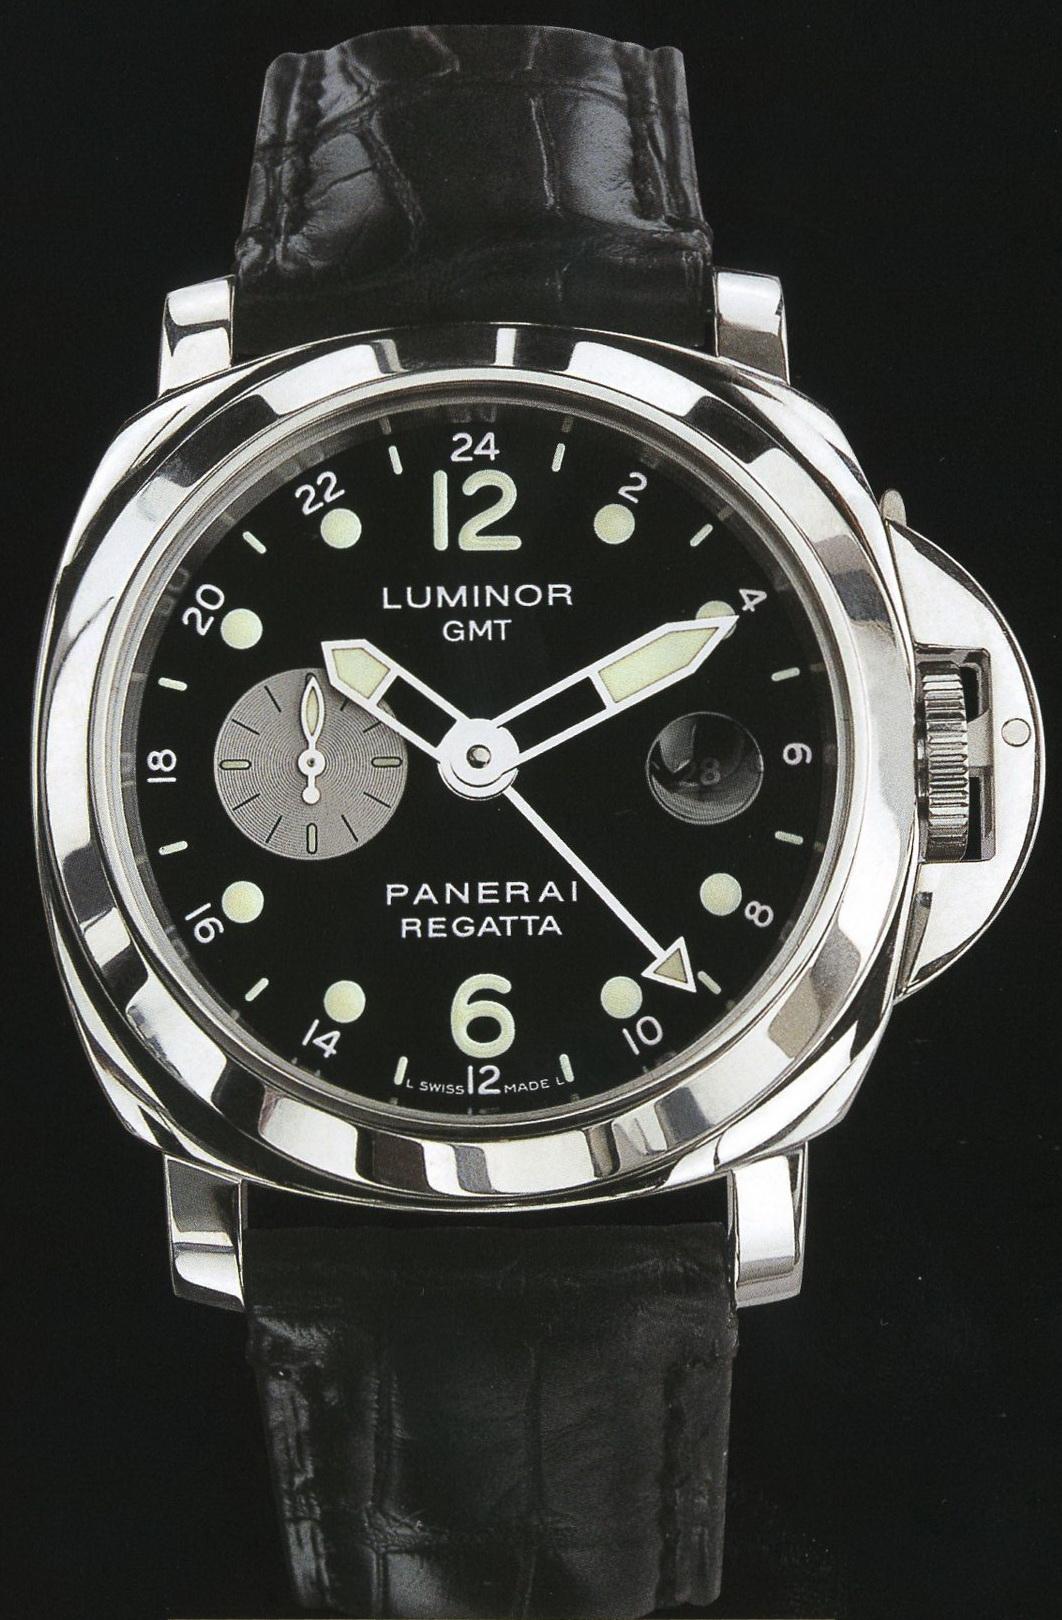 часы Panerai 2002 Special Edition Luminor GMT Regatta 2002